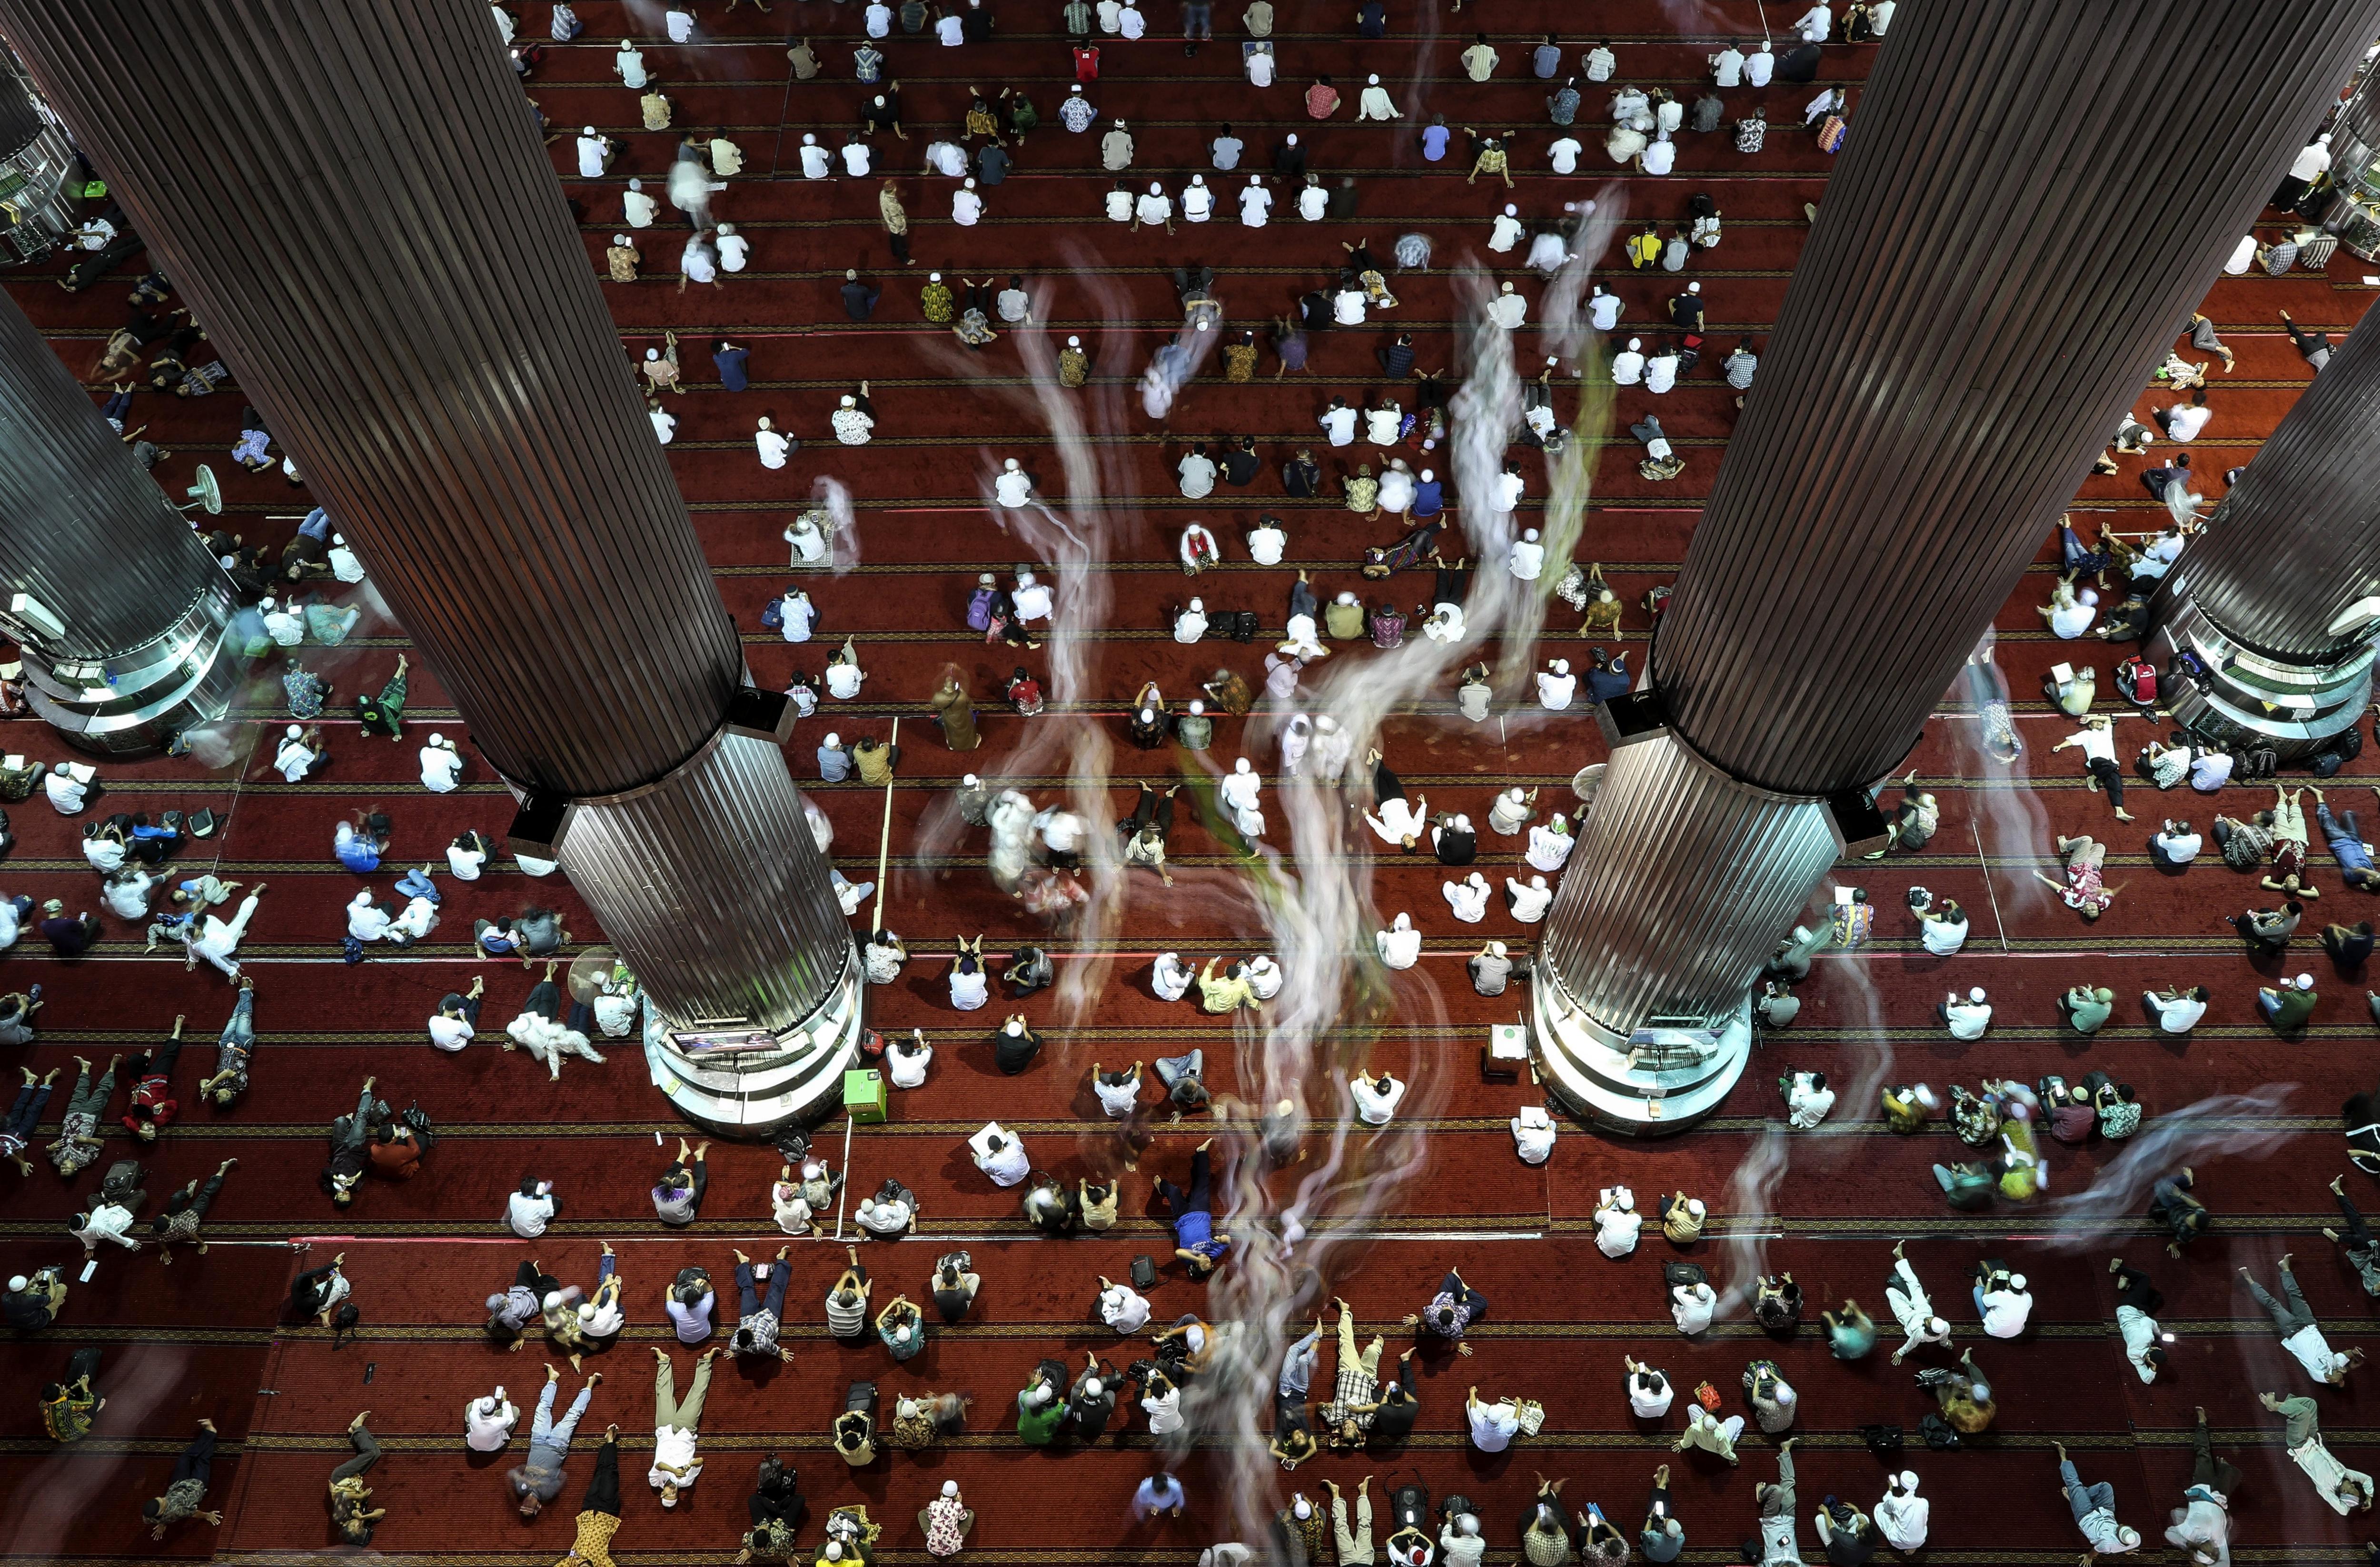 Fidels musulmans descansen després de concloure les oracions dels divendres a la mesquita Istiqlal de Jakarta, Indonèsia, durant les celebracions del ramadà./Mast Irham